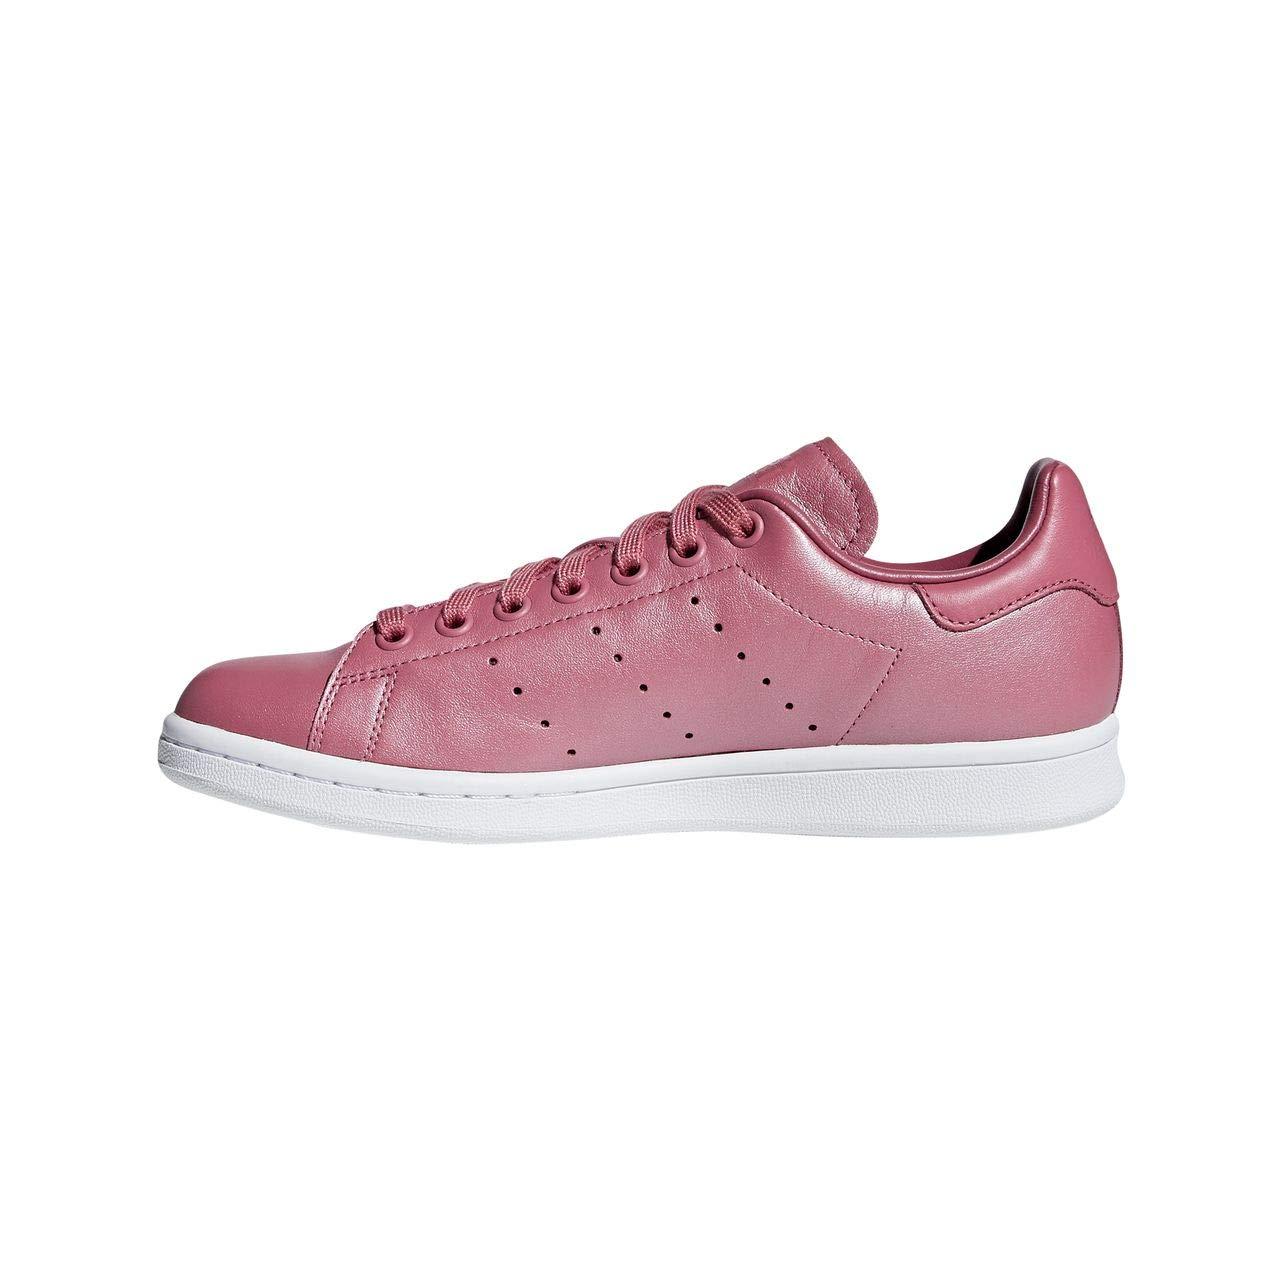 MultiCouleure (Gratra Ftwbla 000) 43 1 3 EU adidas Stan Smith W, Chaussures de Gymnastique Femme